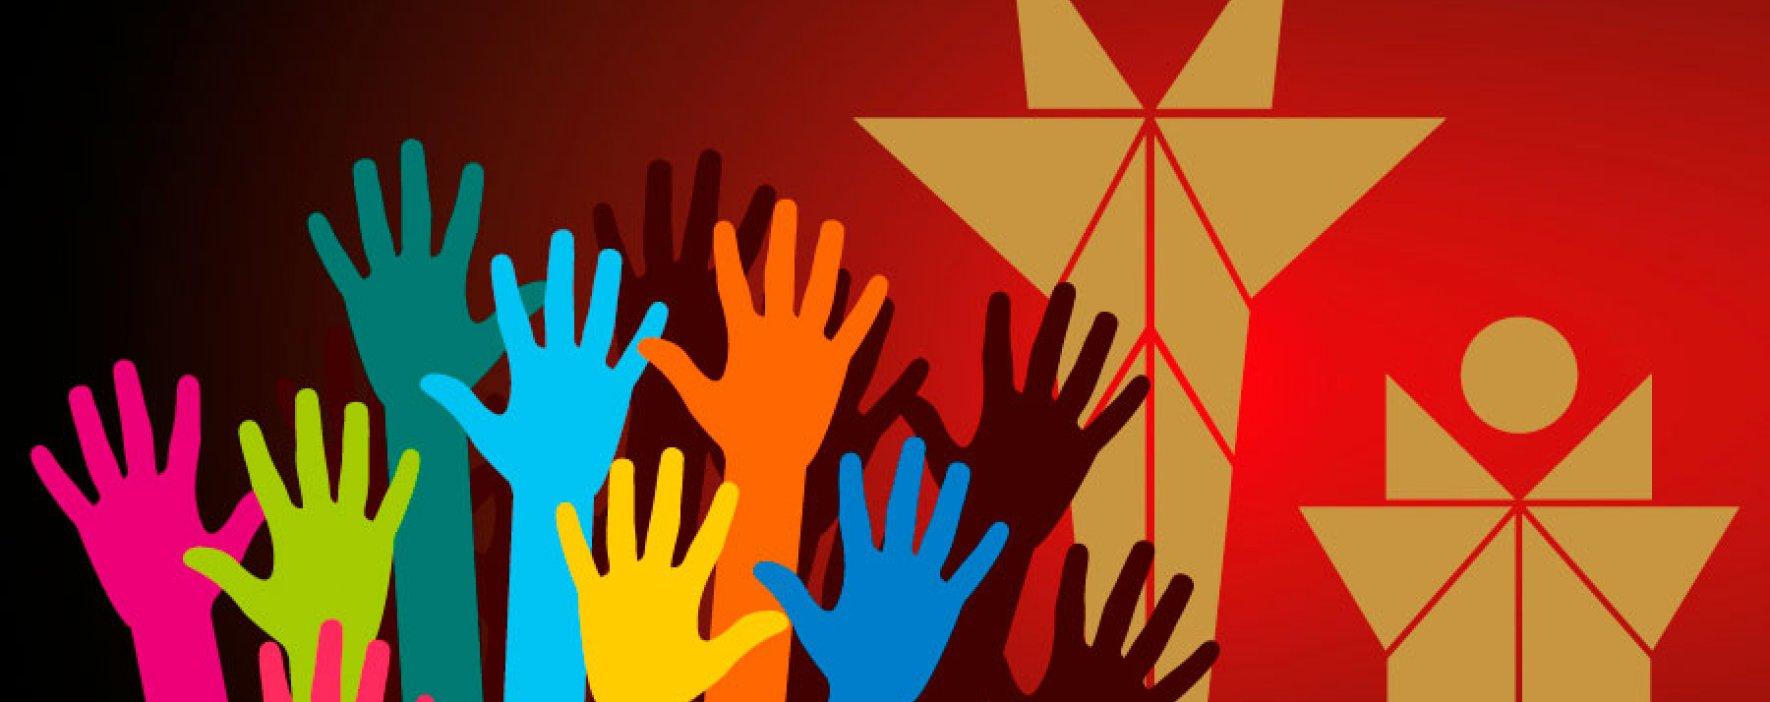 ¿Le interesaría participar en el Premio Compartir?